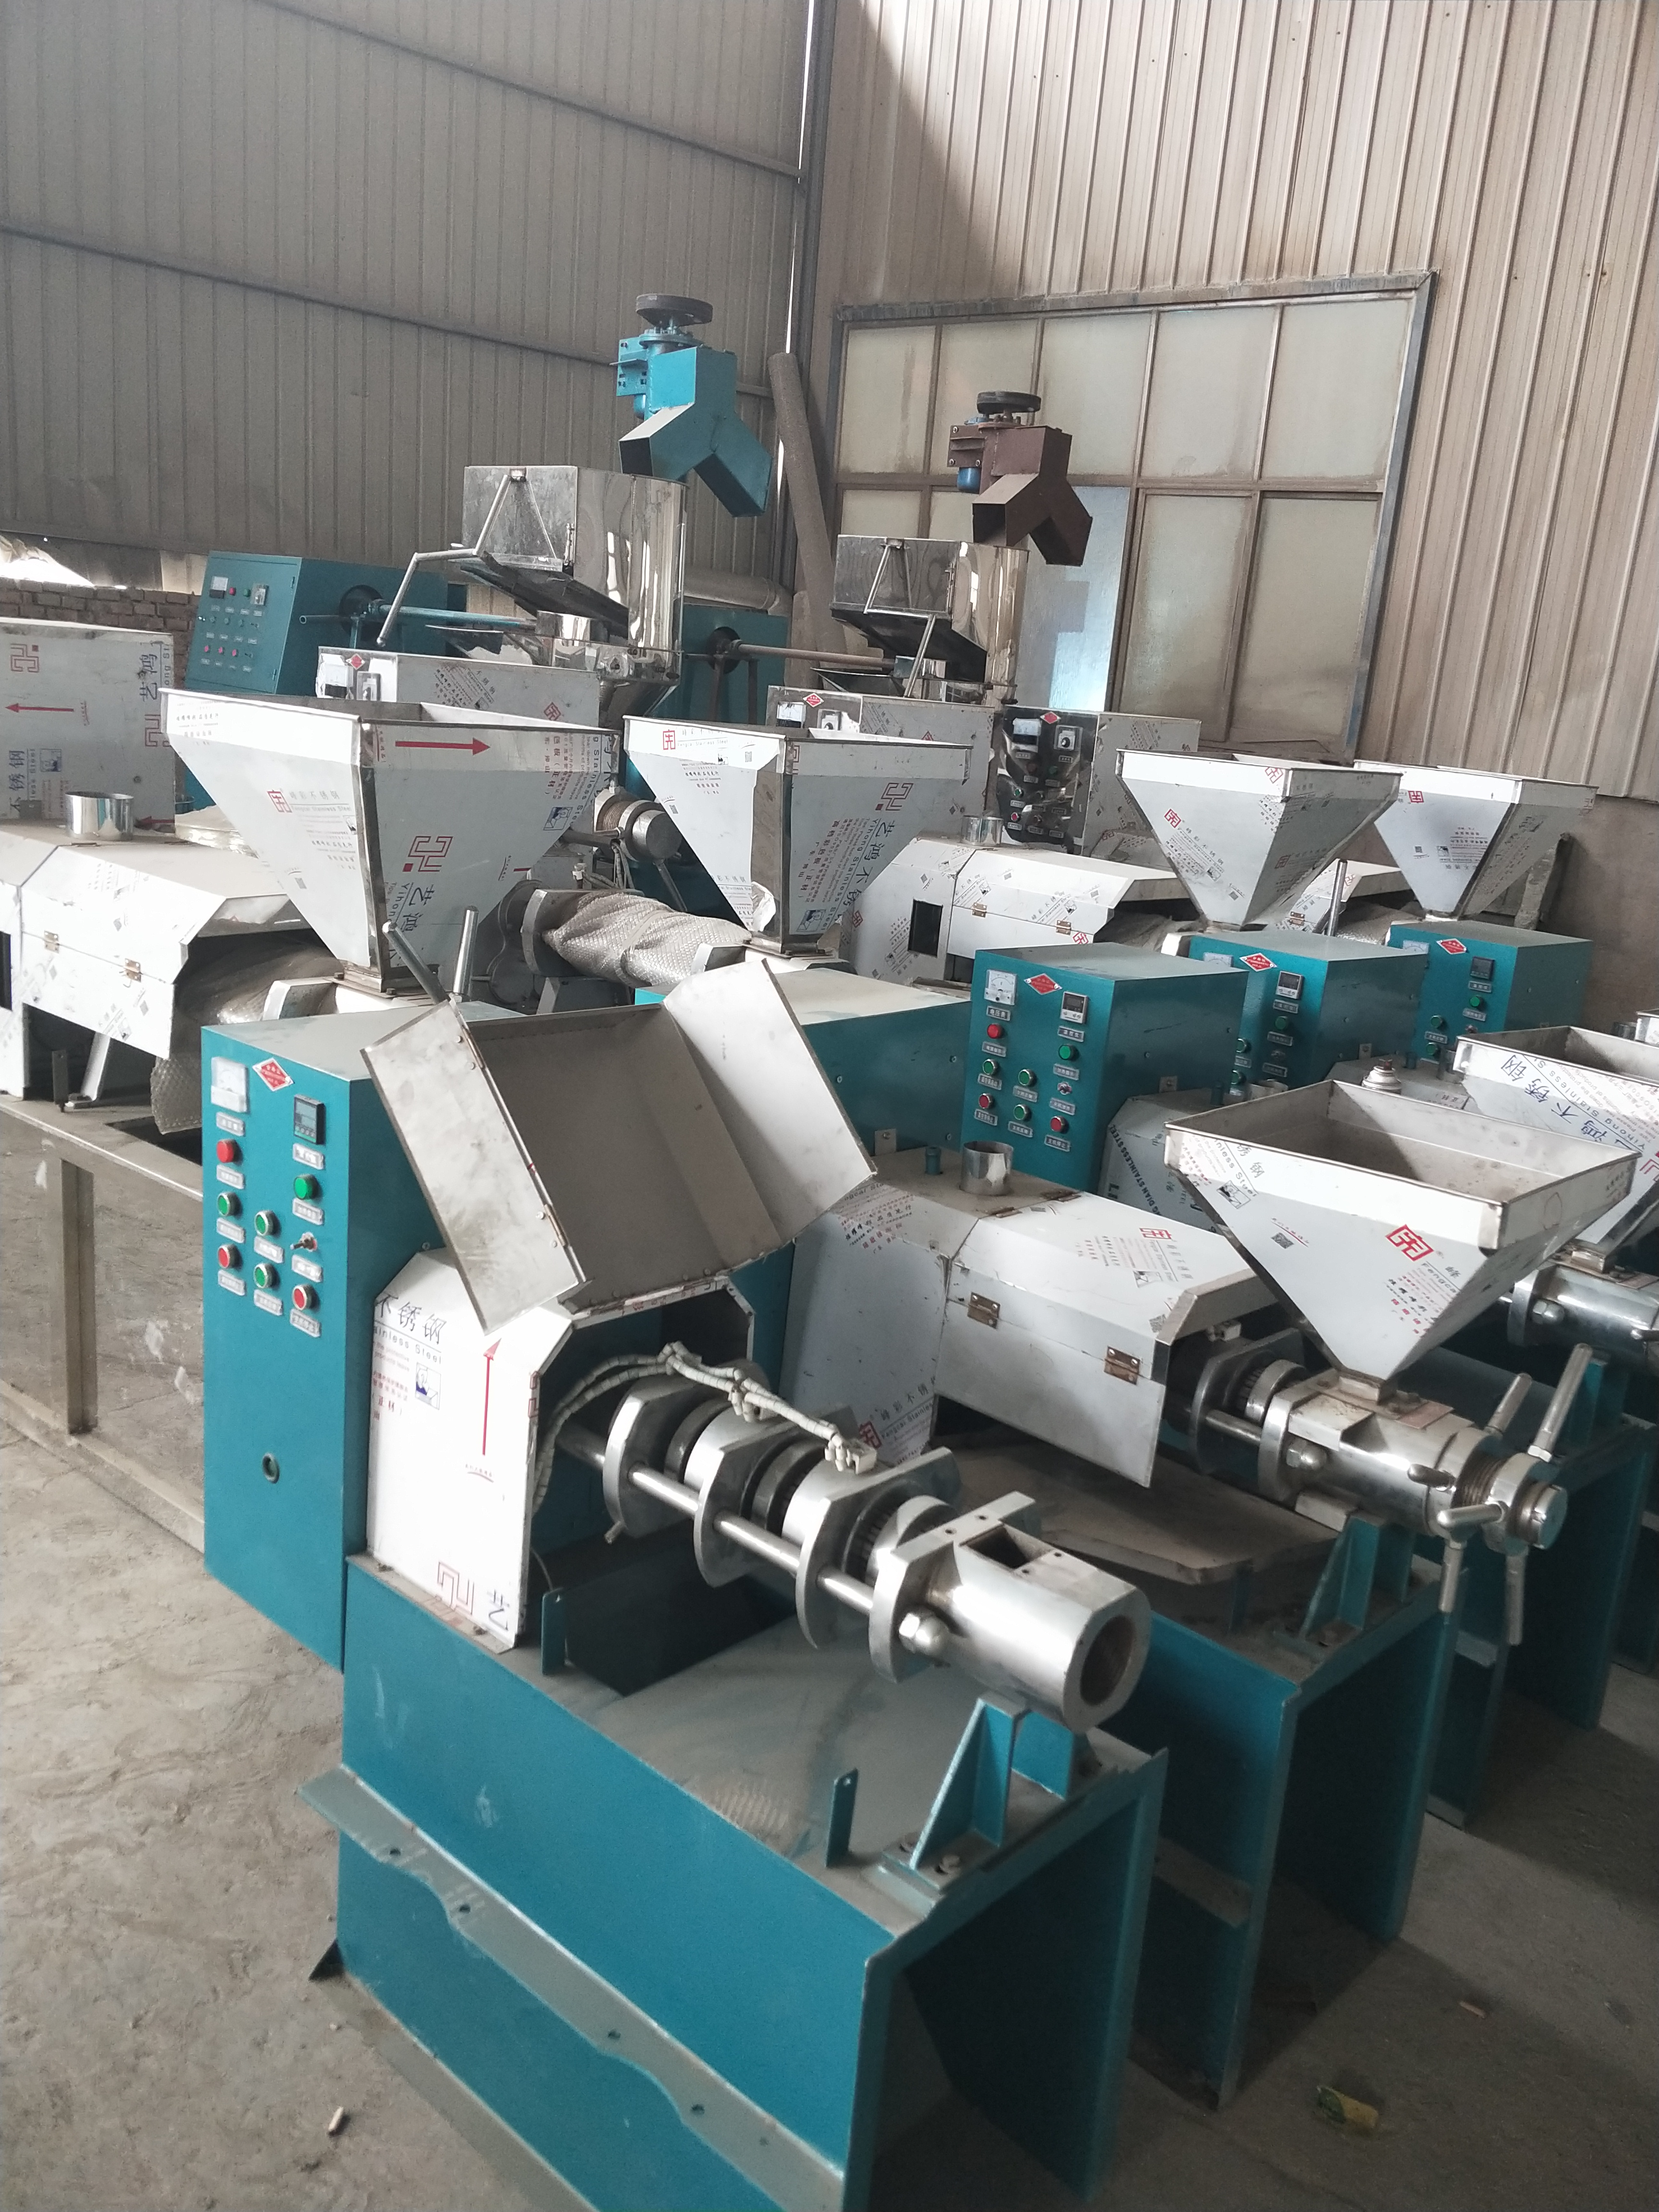 供应新疆新型螺旋榨油机100型新型螺旋榨油机多少钱新型螺旋榨油机怎么样